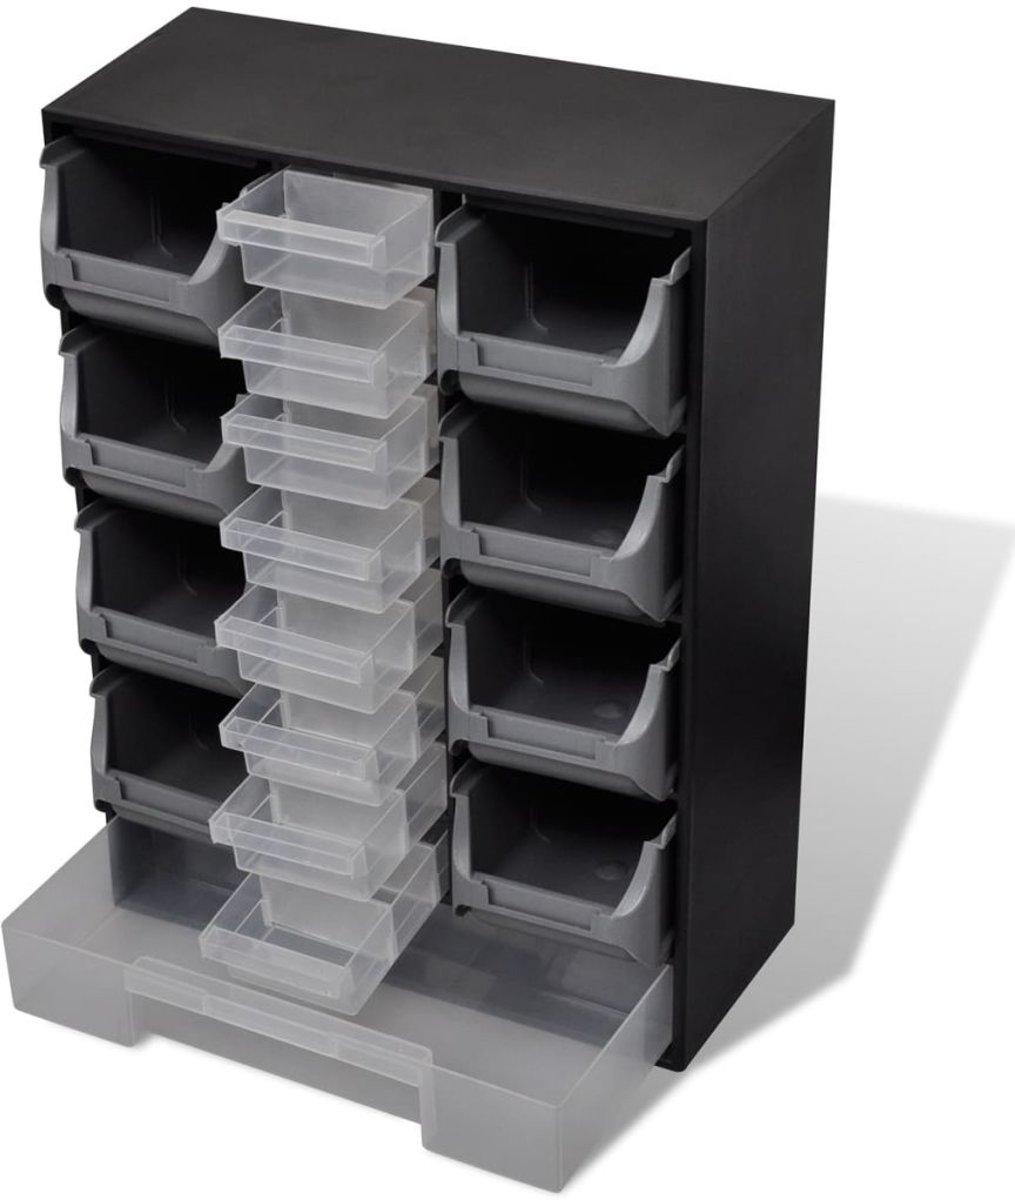 Metalen Ladenkast Voor Gereedschap.Bol Com Vidaxl Ladenkast Voor Gereedschap 17 Lades